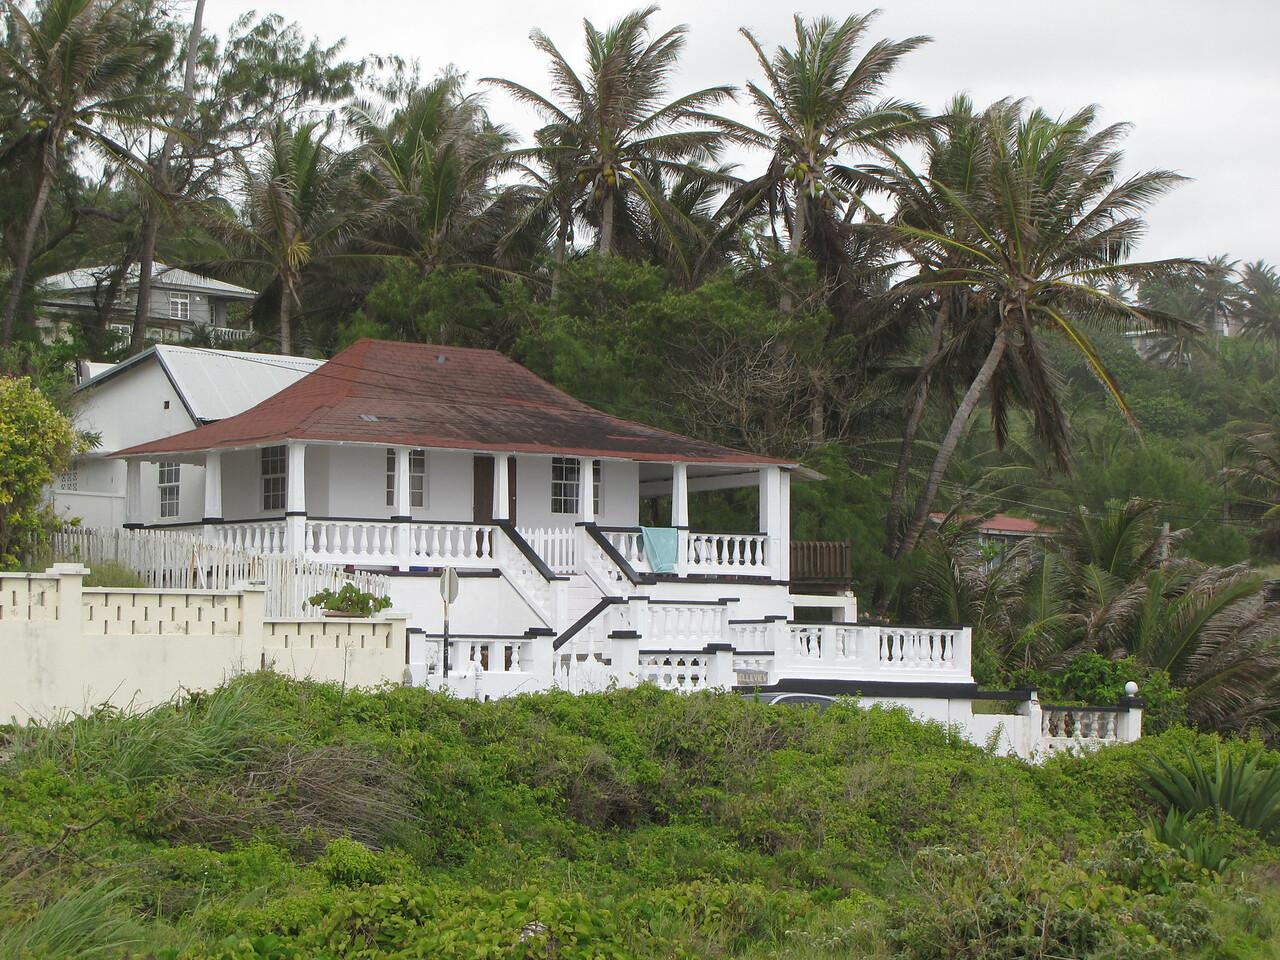 Nice house.